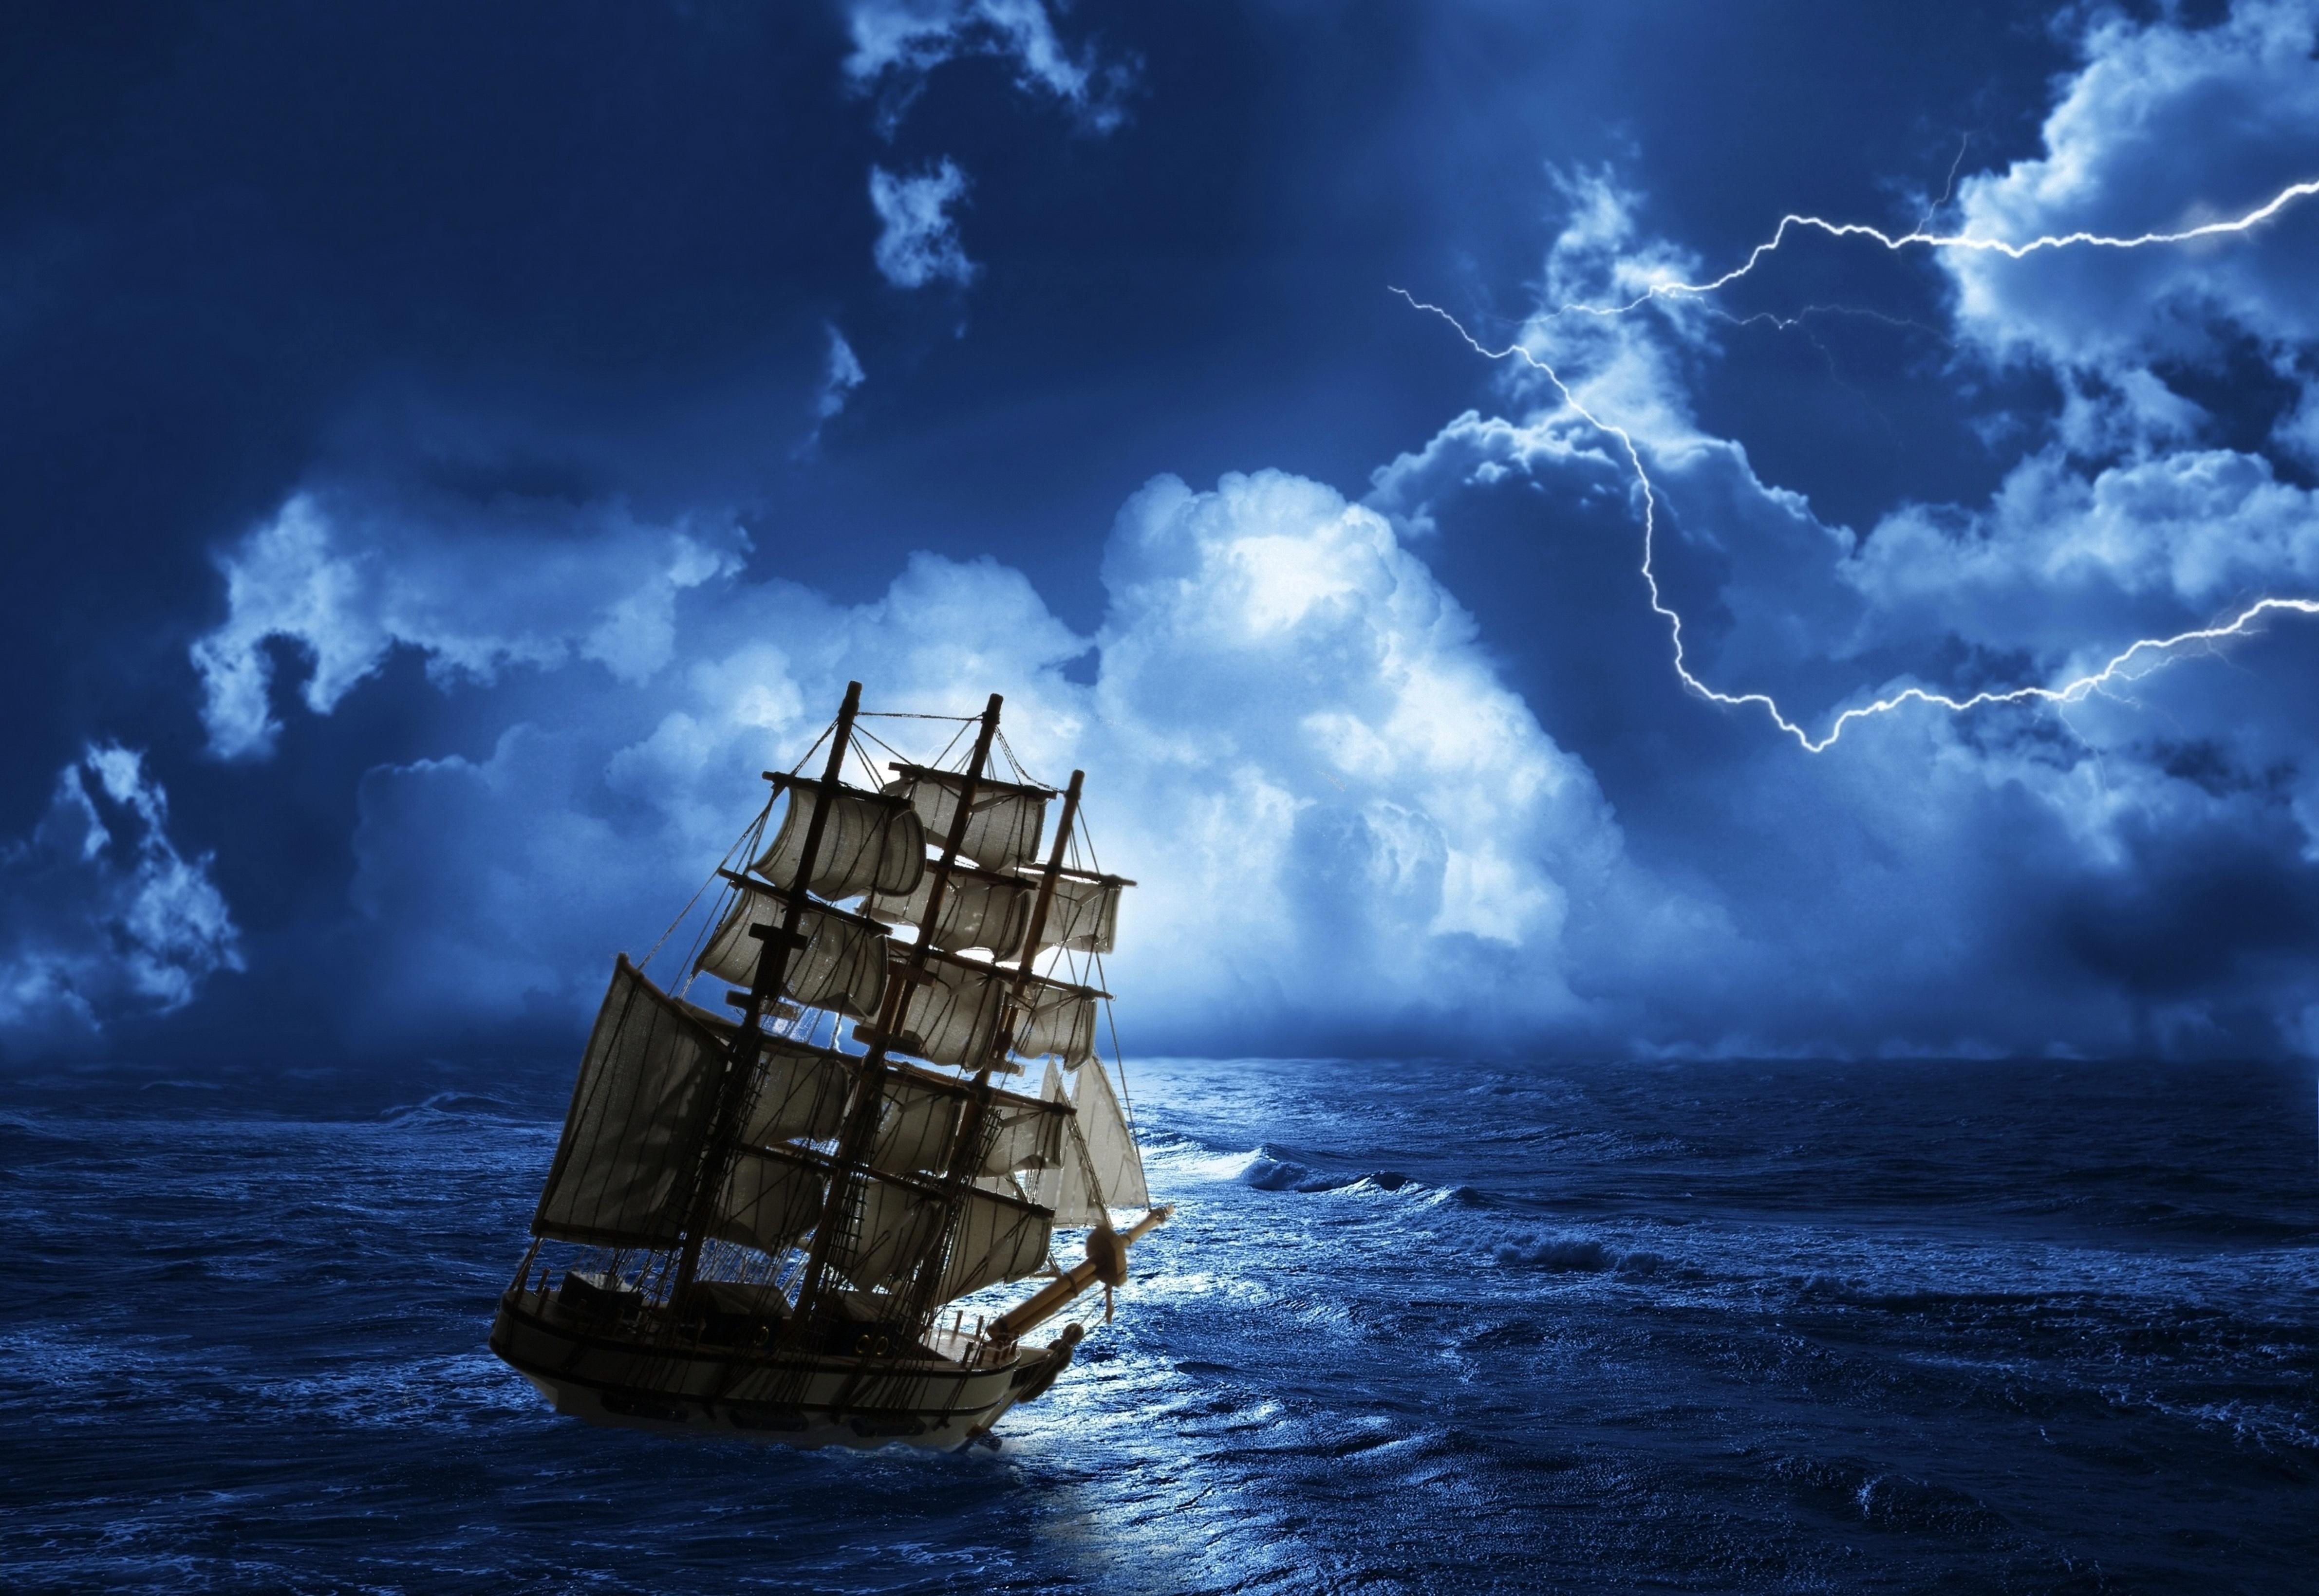 Segelschiffe auf dem meer  Blitz Meer Himmel Schiffe Nacht Segeln Wolke 4762x3278